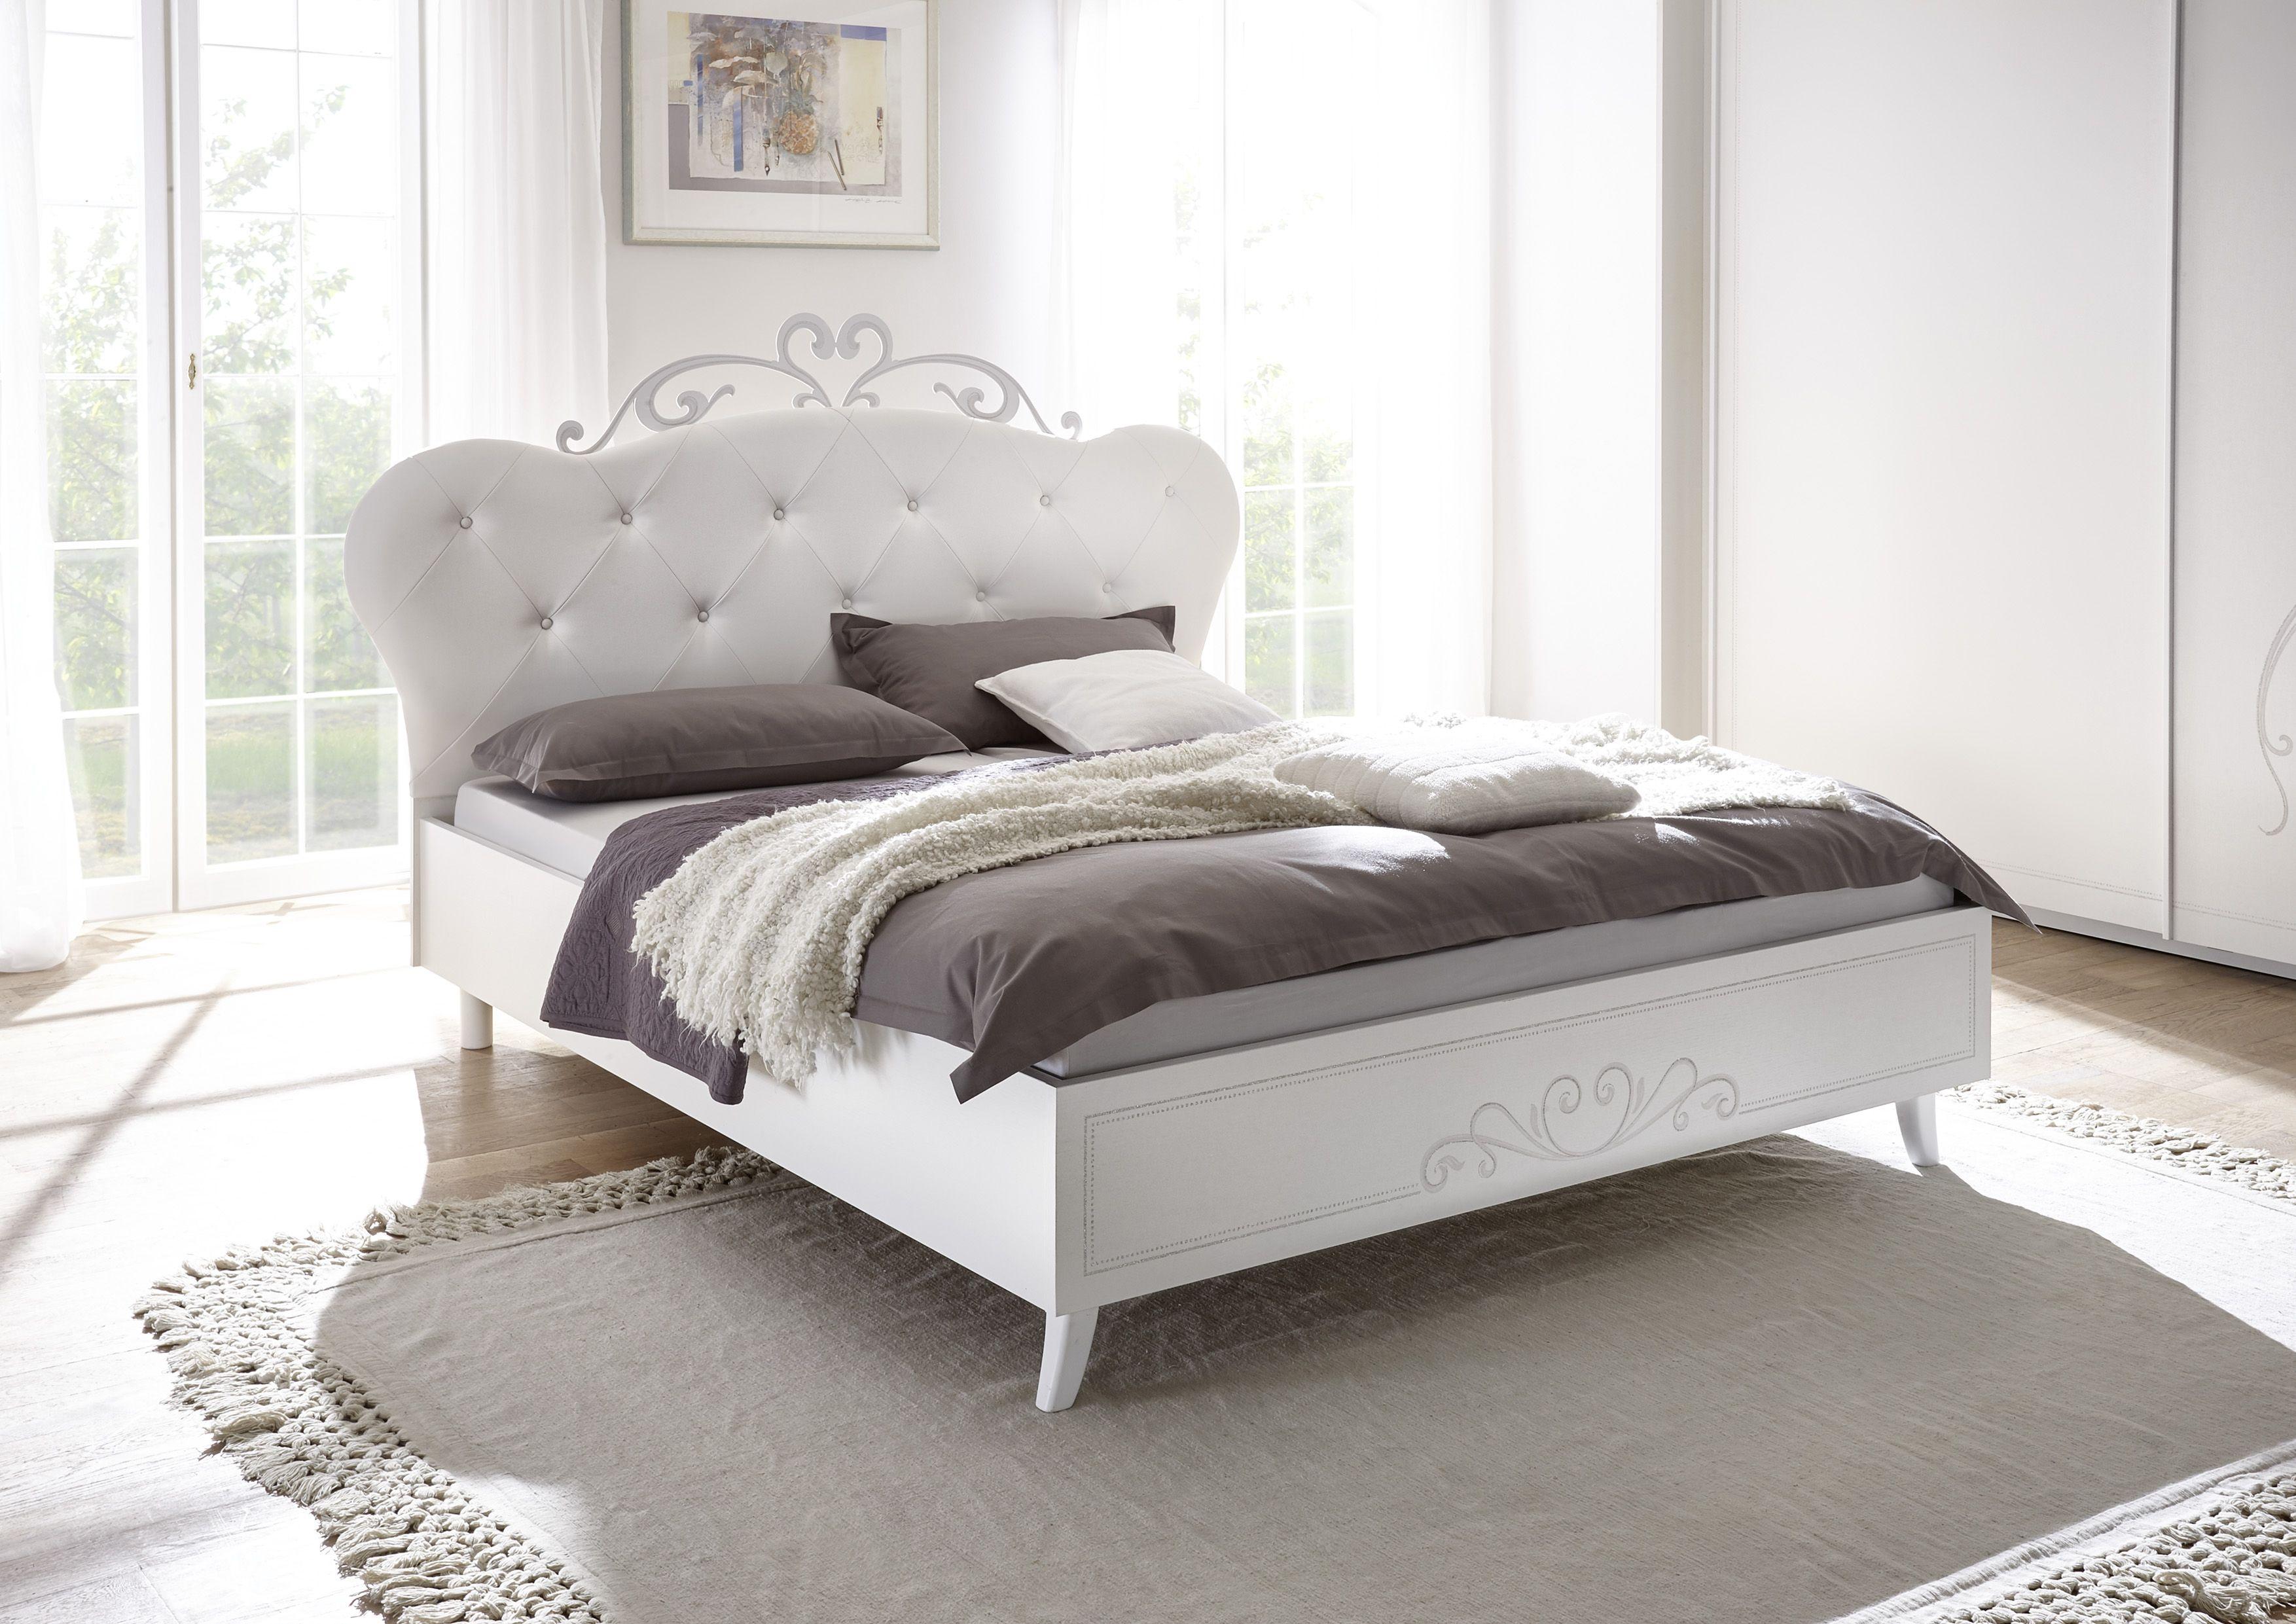 Sertis Schlafzimmer-Set 4-teilig in Weiß Melamin